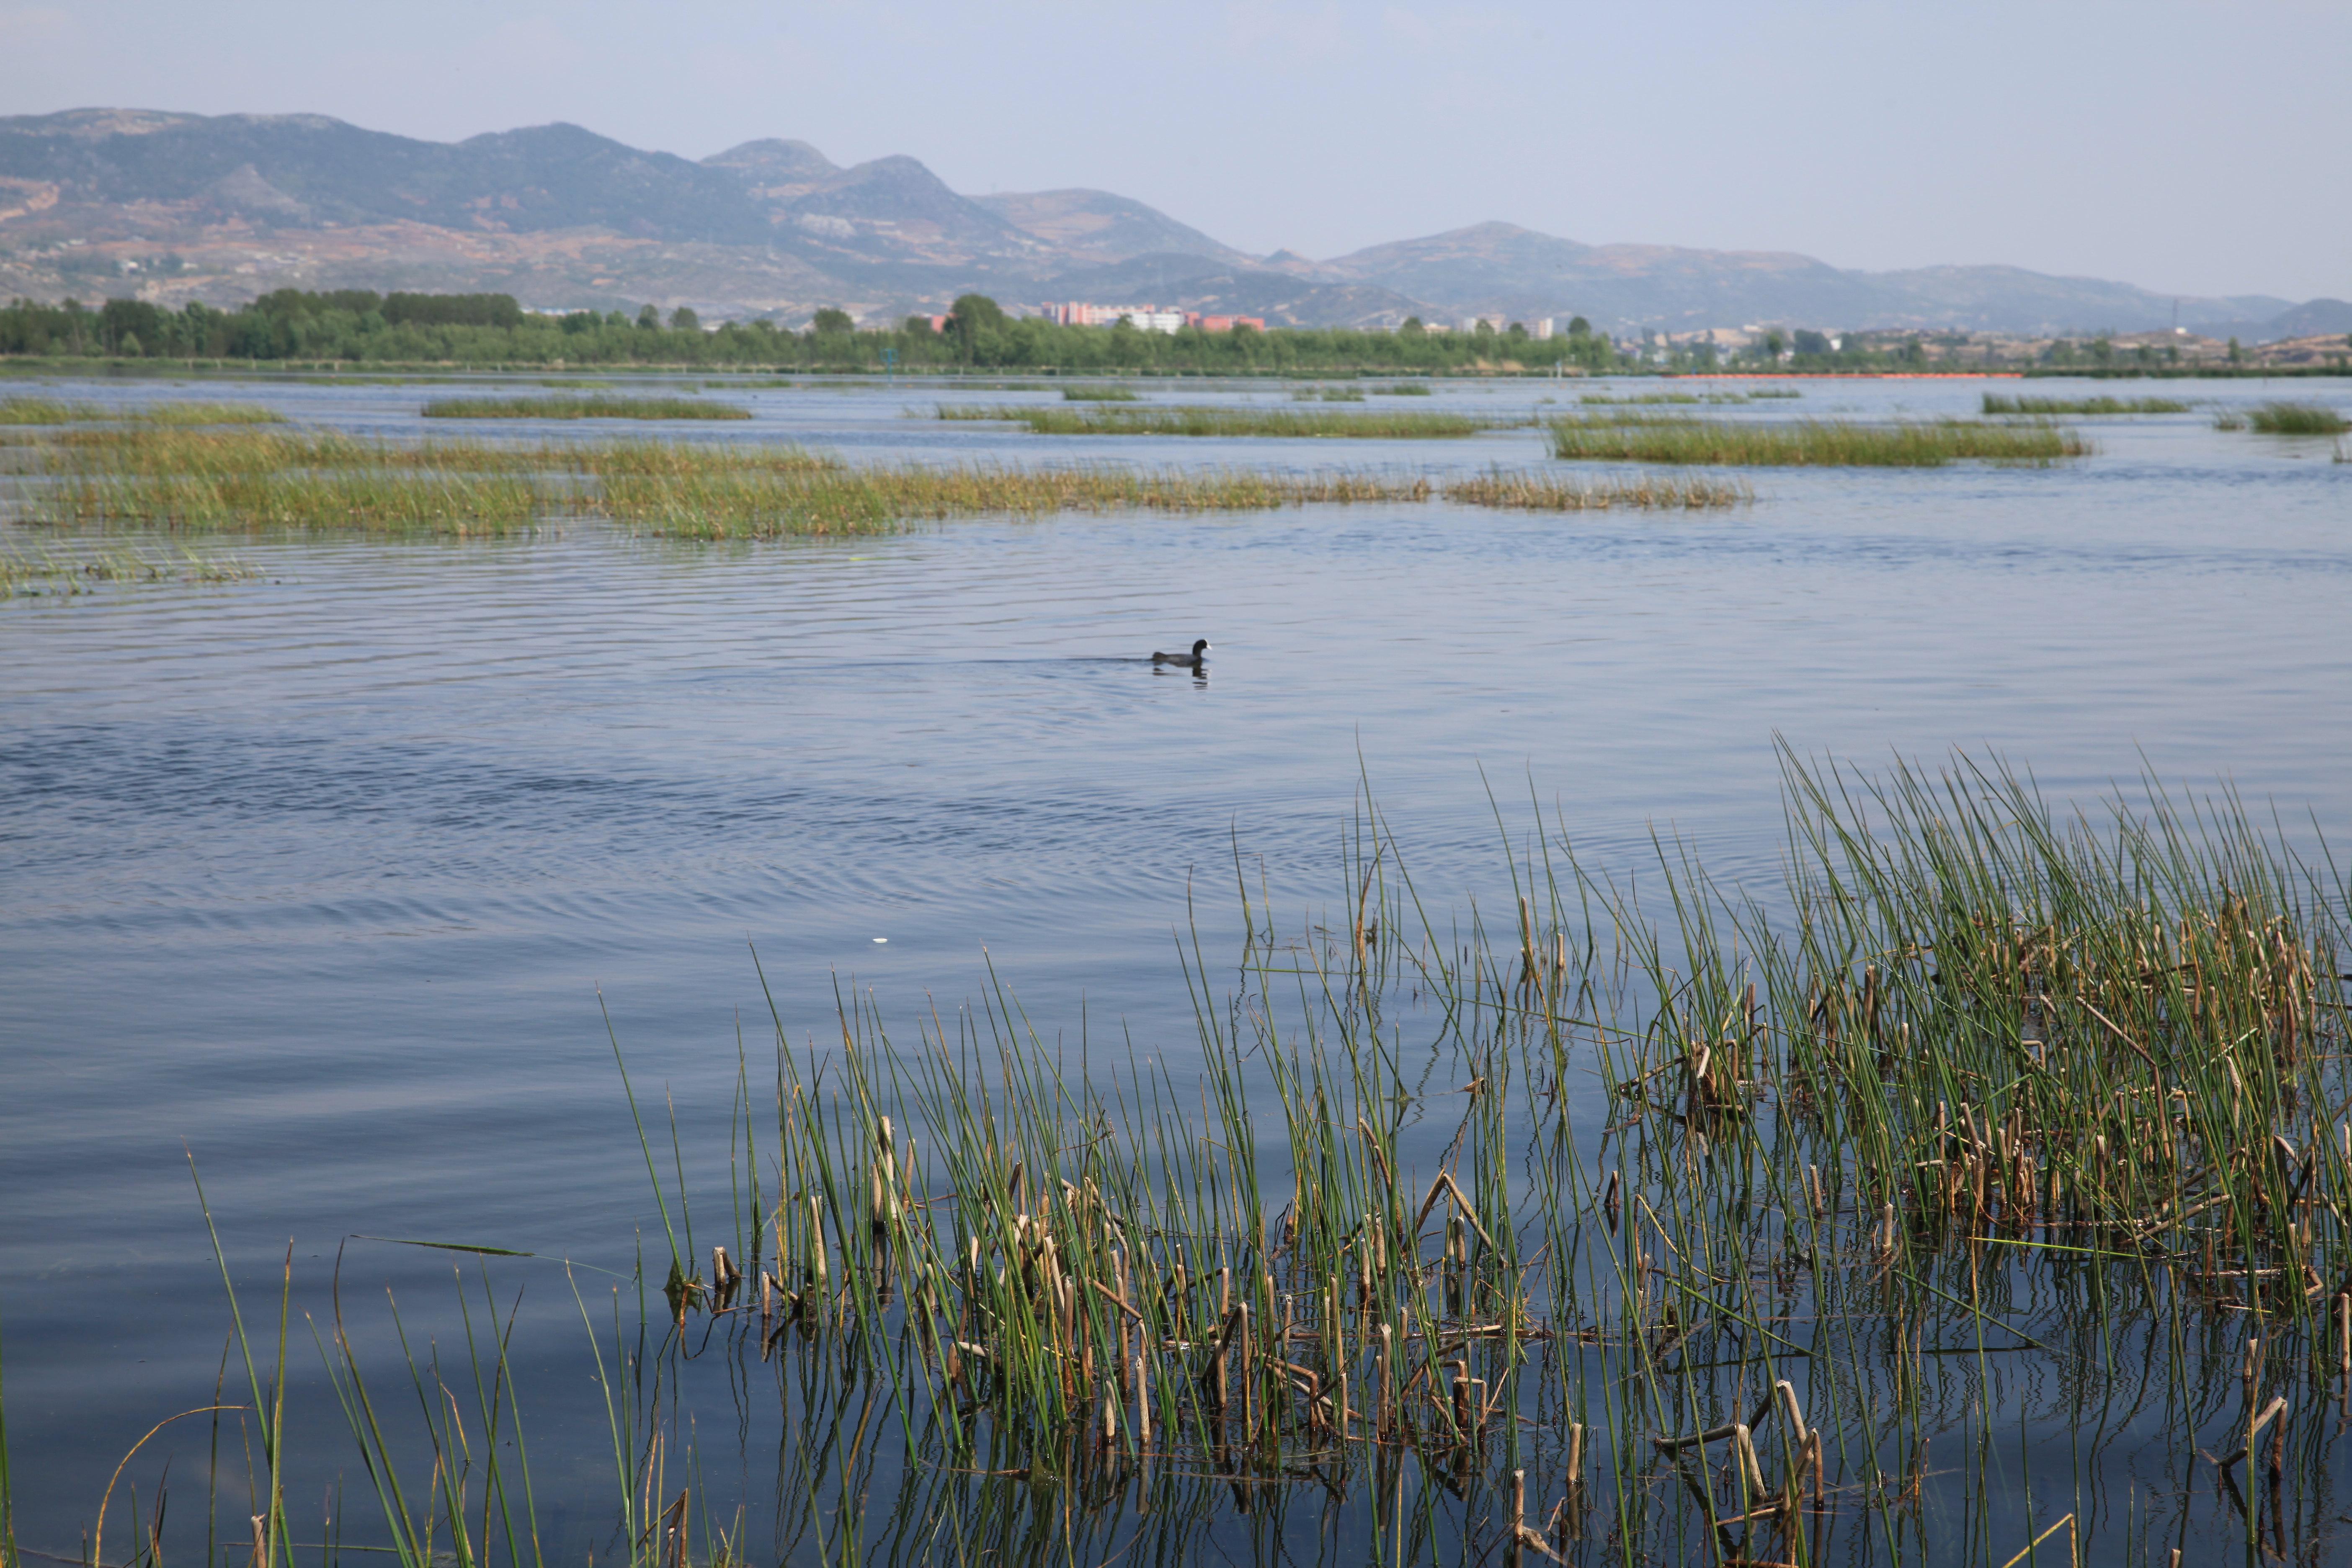 【携程攻略】贵州毕节威宁浪漫草海风景区好玩吗